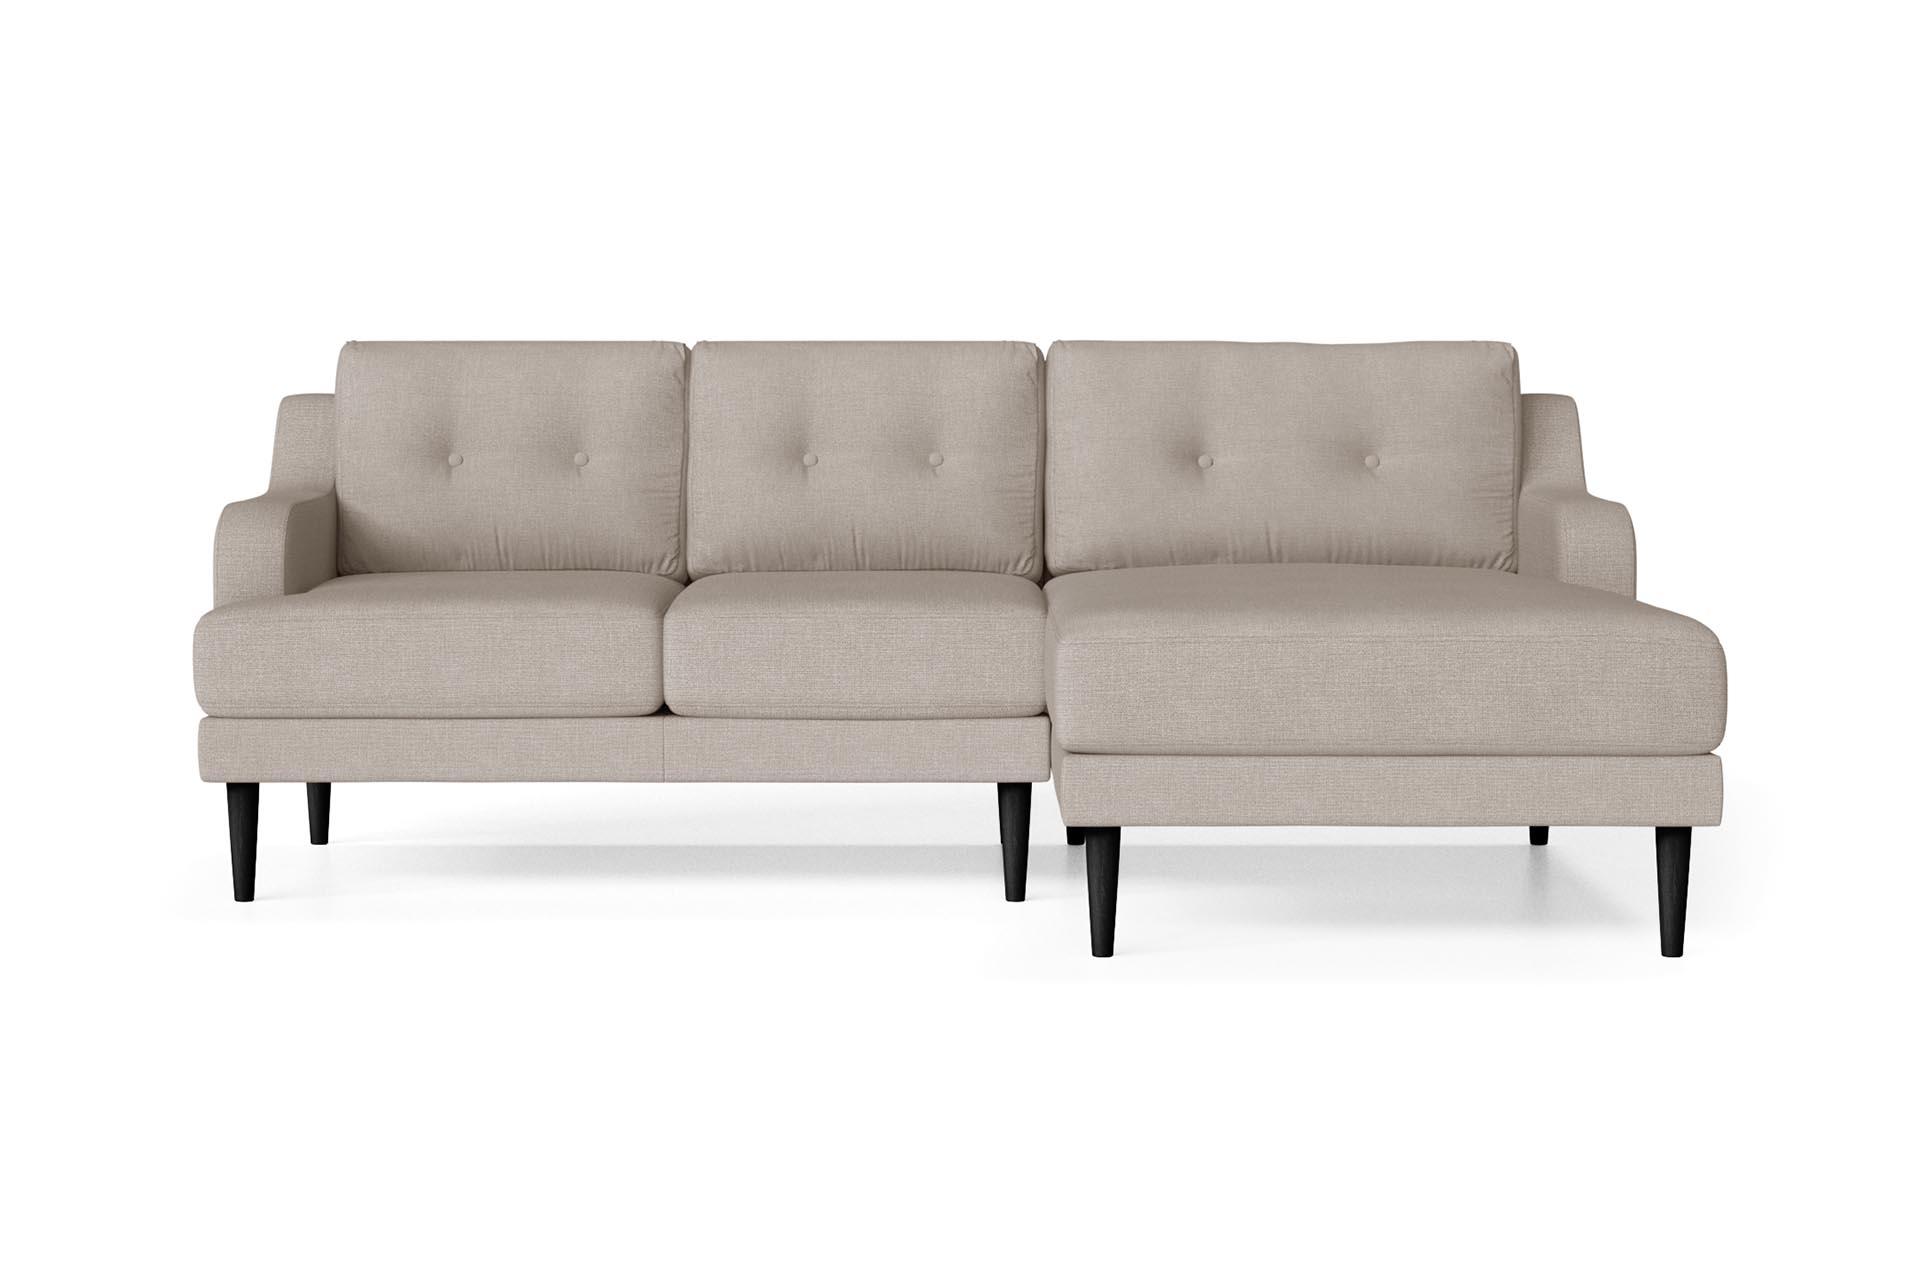 Canapé d'angle droit 4 places toucher lin crème